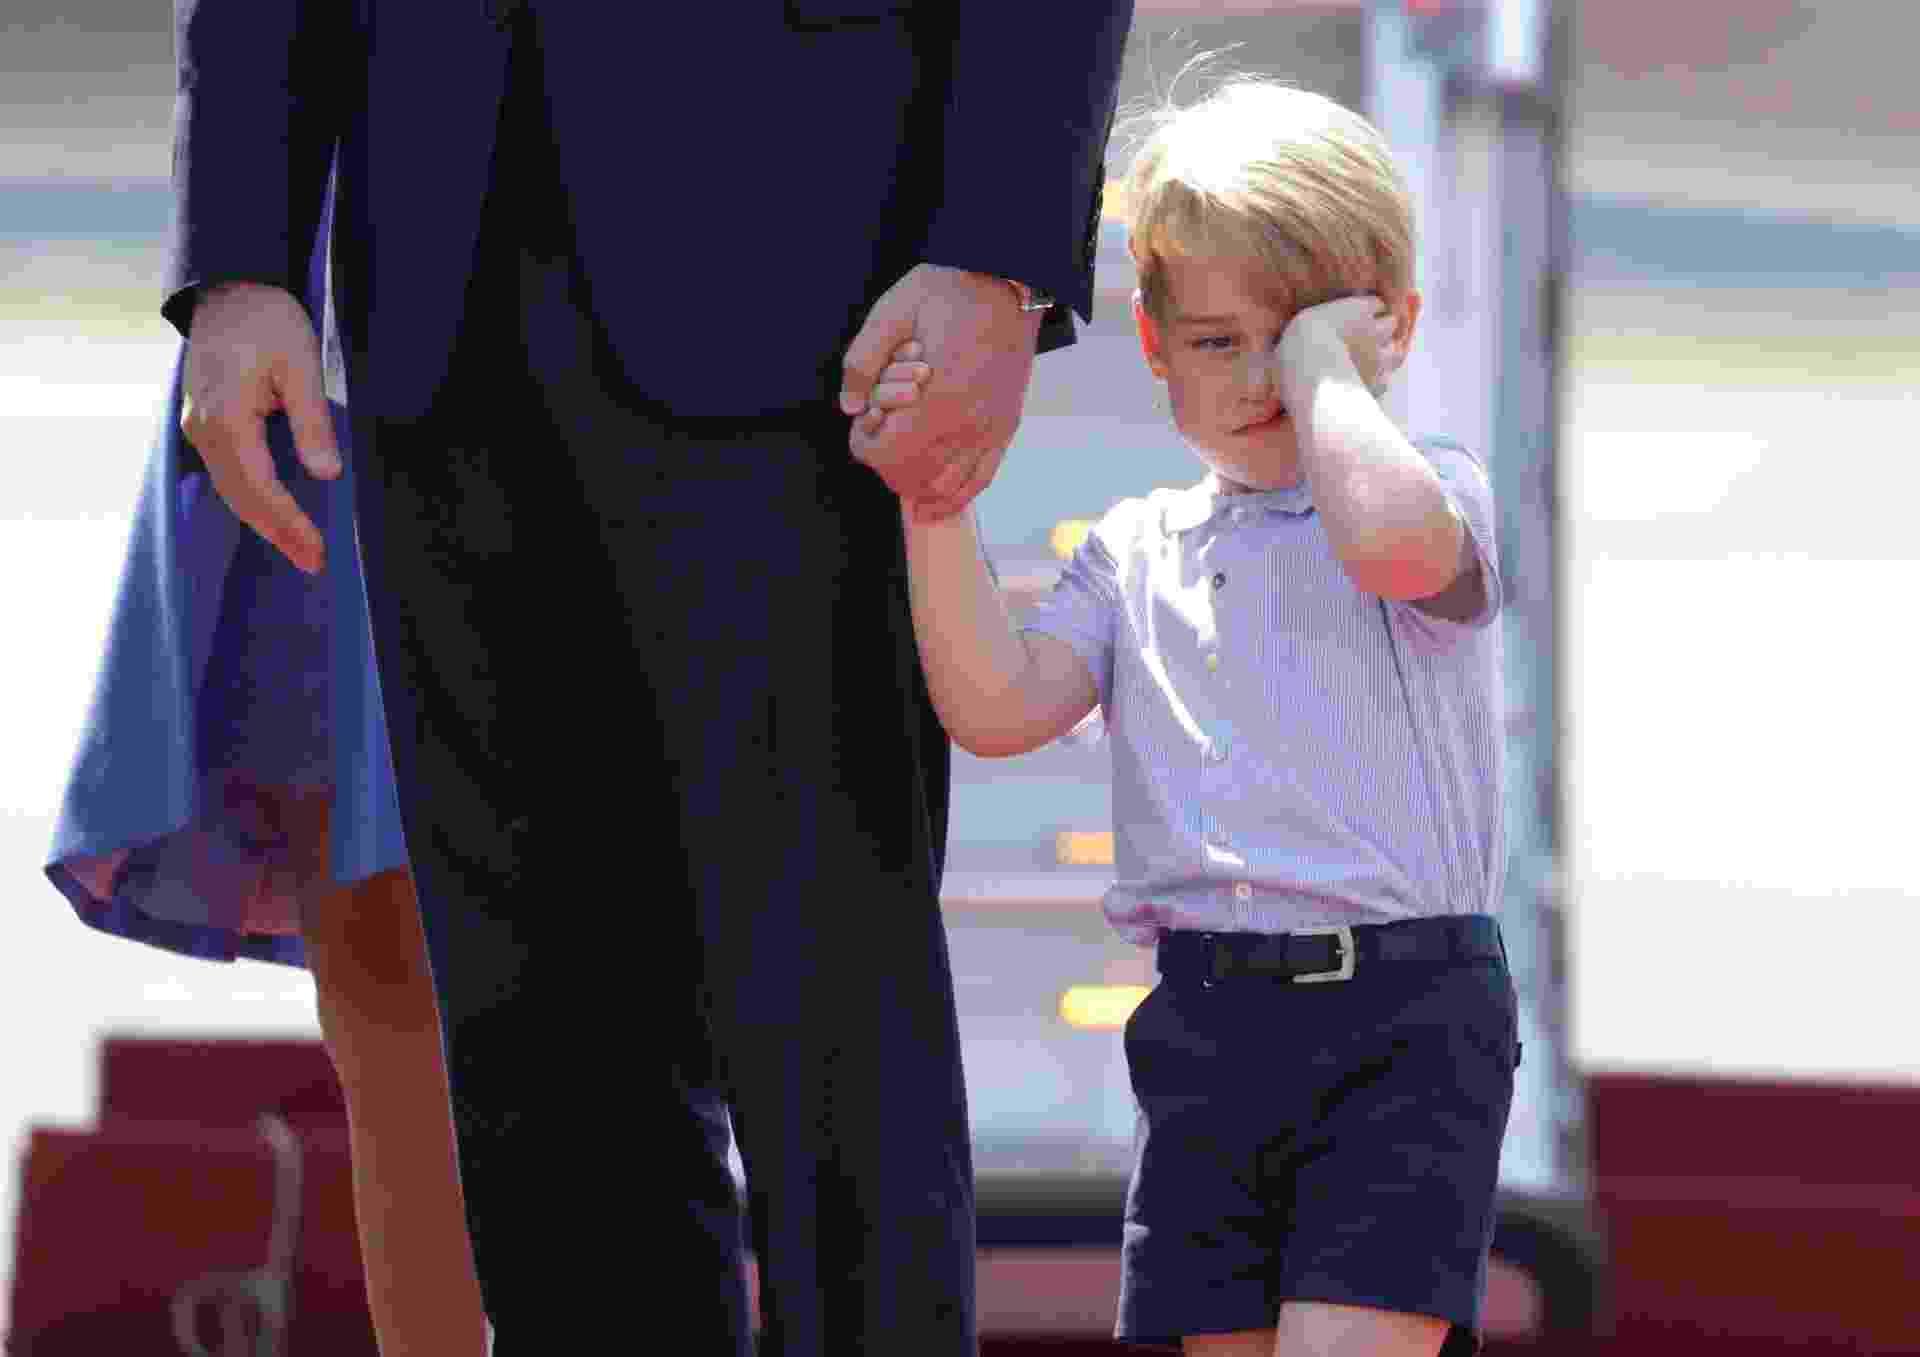 Sonolento, príncipe George esfrega o rosto ao desembarcar com os pais na Alemanha - AFP PHOTO/POOL/Kay Nietfeld